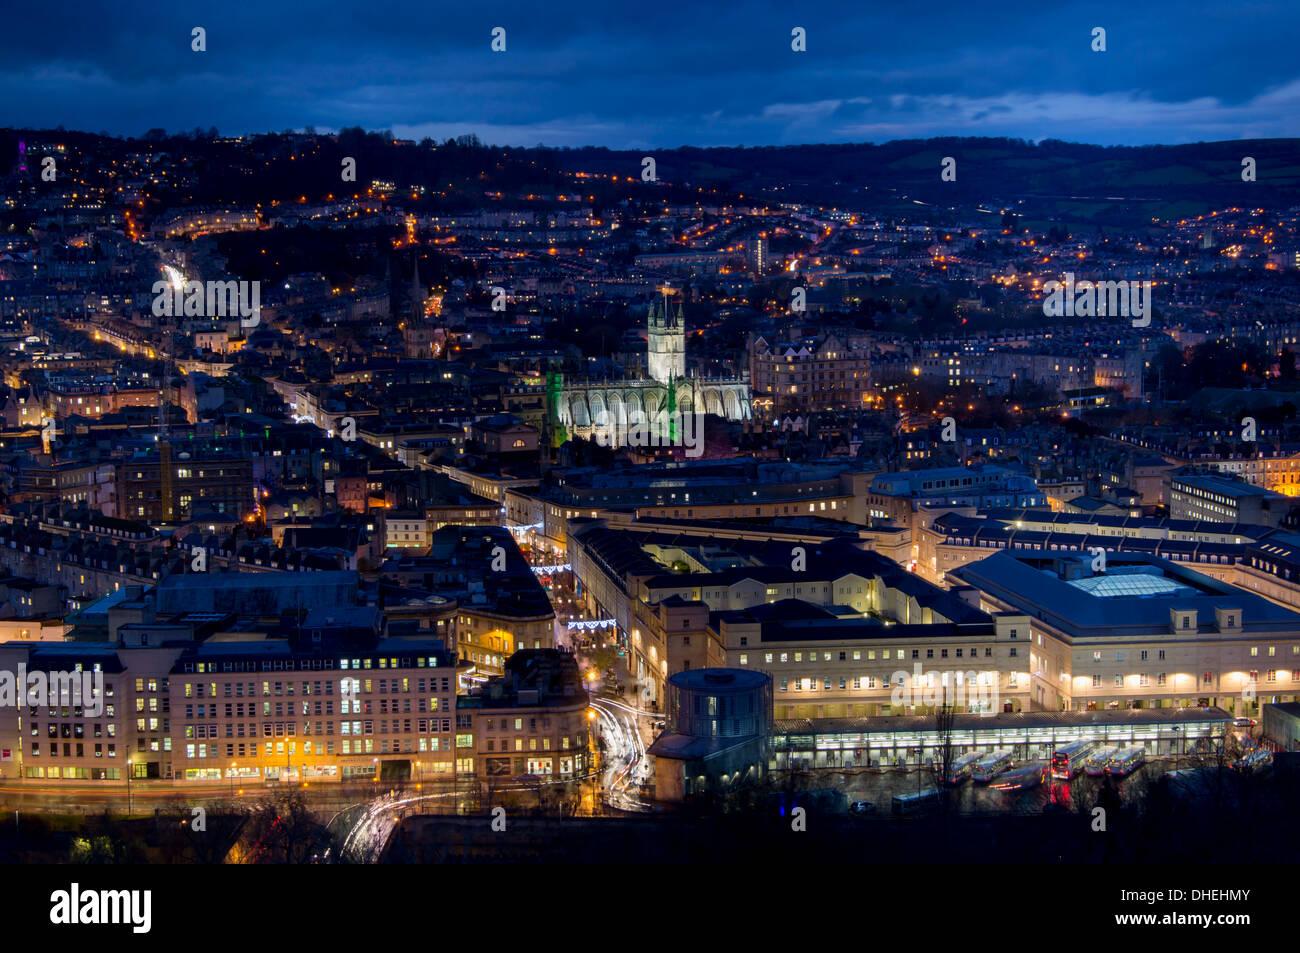 Eine Luftaufnahme des zentralen Bades zeigt die Abtei und Southgate Entwicklung in der Abenddämmerung, Bad, Avon, England, Vereinigtes Königreich, Europa Stockbild